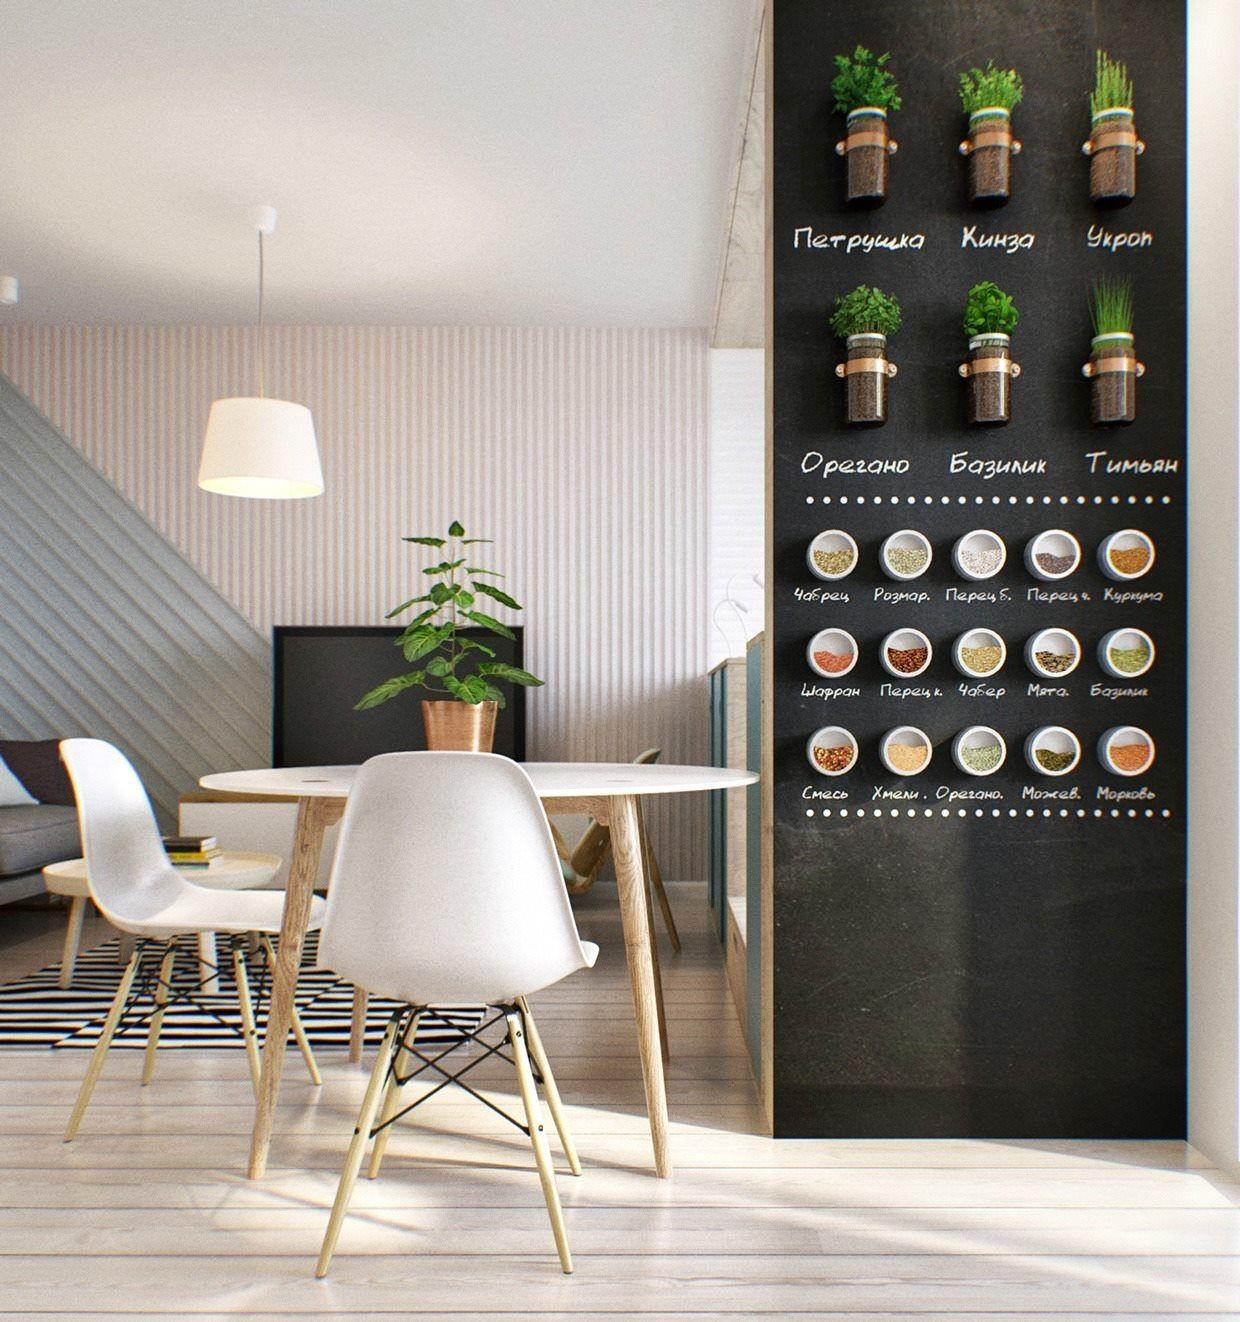 Ecco 33 idee economiche per migliorare la casa | Интерьерное ...